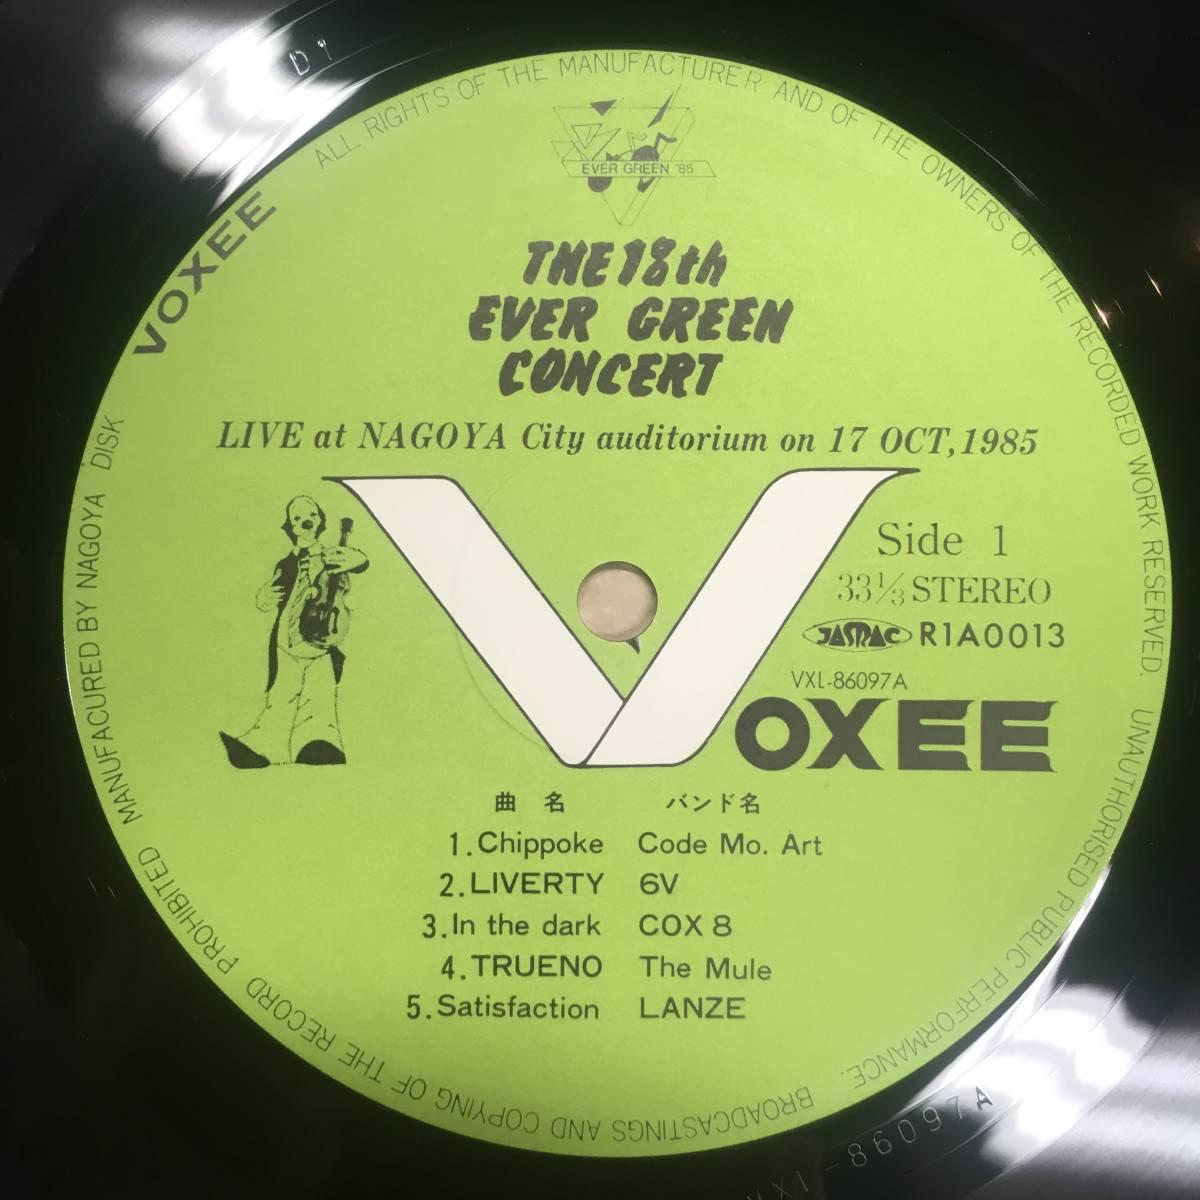 自主盤オムニバスLP!THE 18th EVER GREEN CONCERT VOXEE VXL-86097 1985年 名古屋 code mo. art cox 8 The Mule LANZE レモンの秘密 _画像5